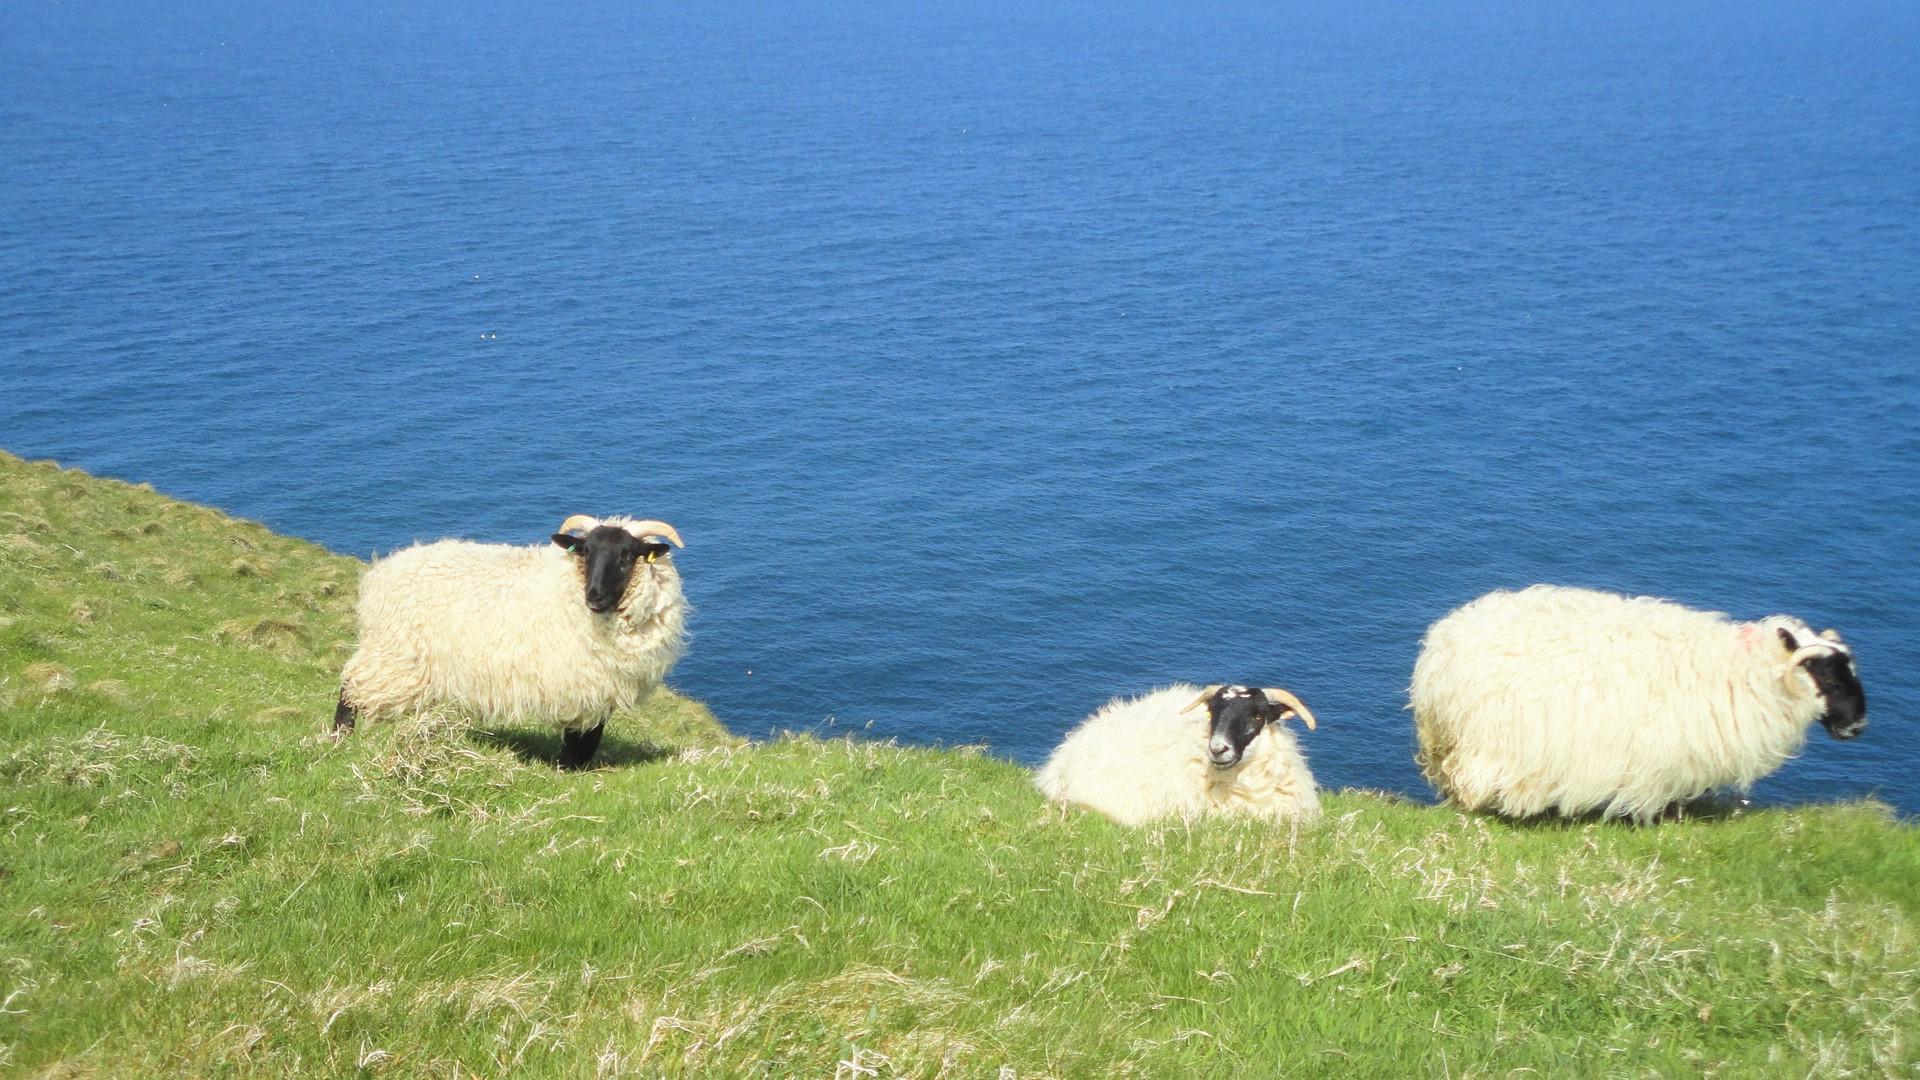 のんびり草を食む羊たち